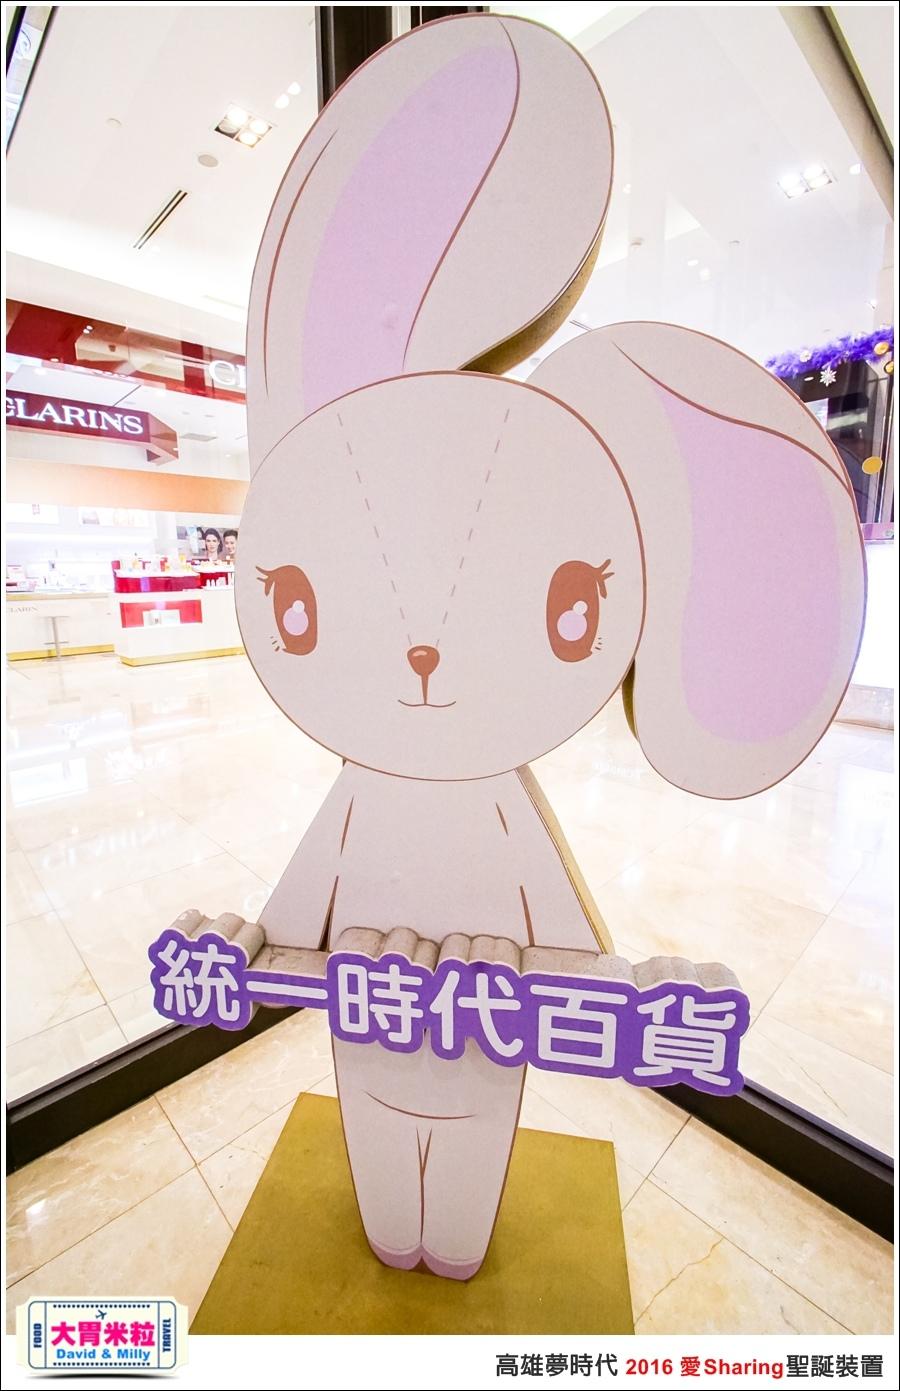 2016聖誕約會景點推薦@高雄夢時代 統一時代百貨 2016聖誕裝置@大胃米粒0097.jpg